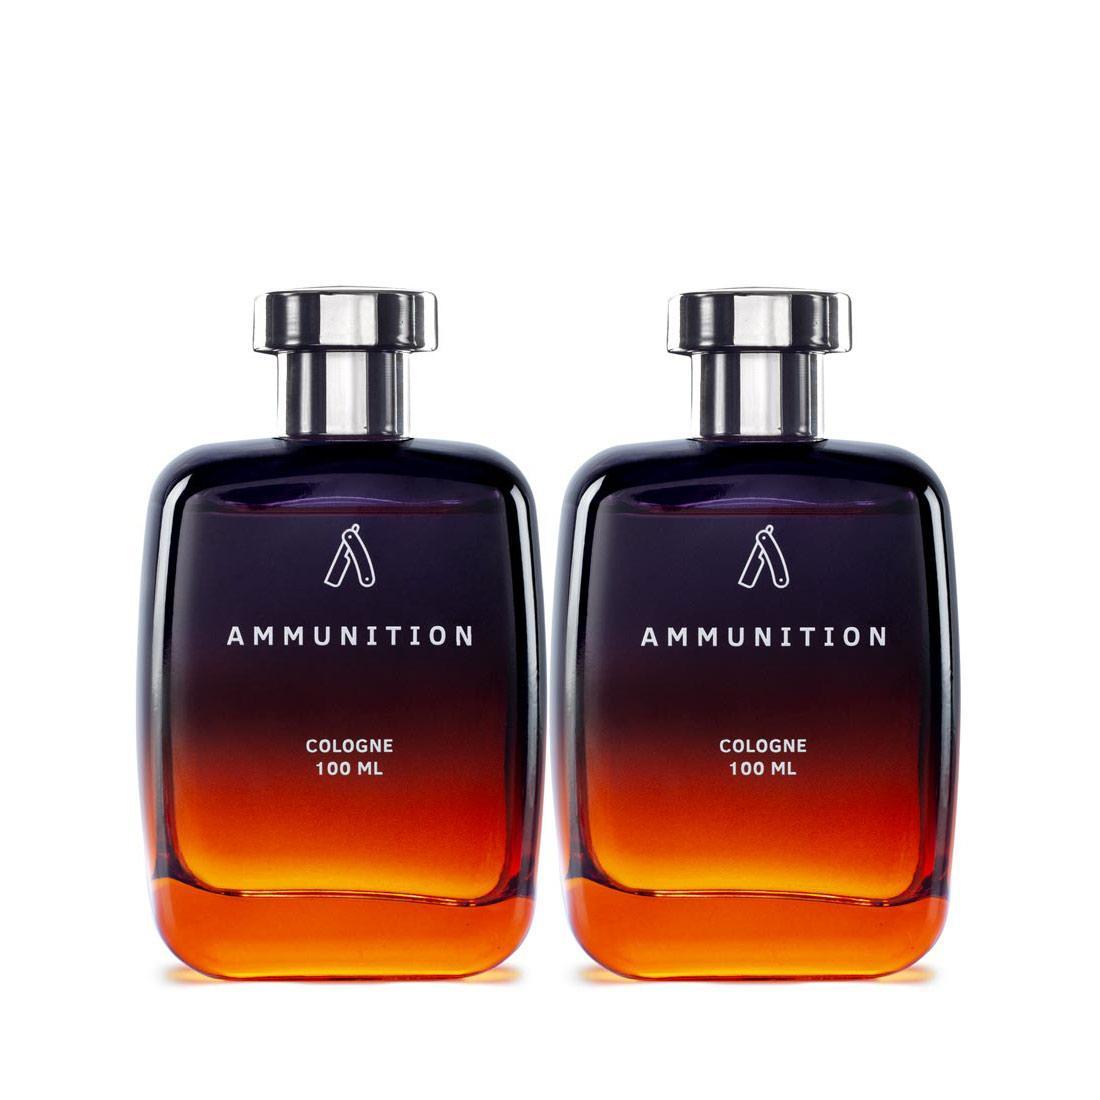 Fragrance Bundle - Ammunition- Set of 2 - Perfume for Men